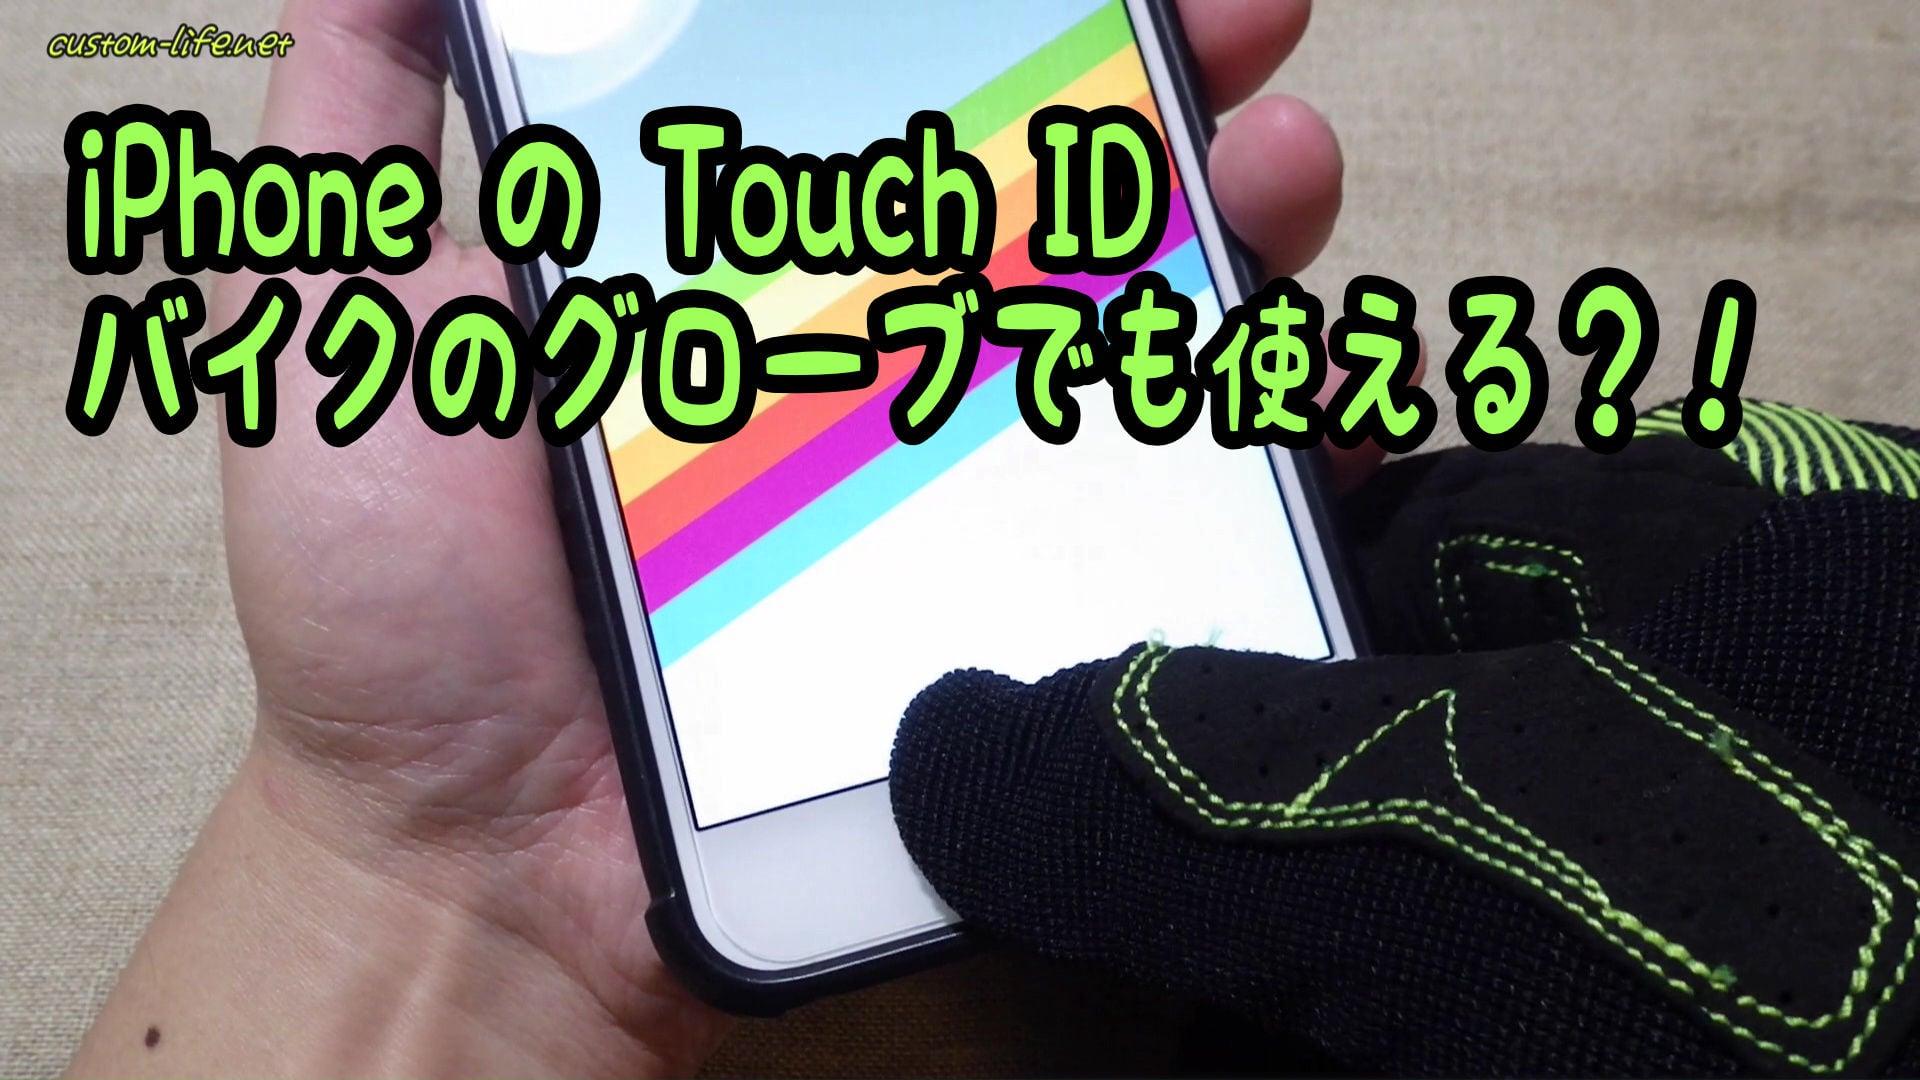 バイク用グローブでTouch IDの指紋認証を使う方法